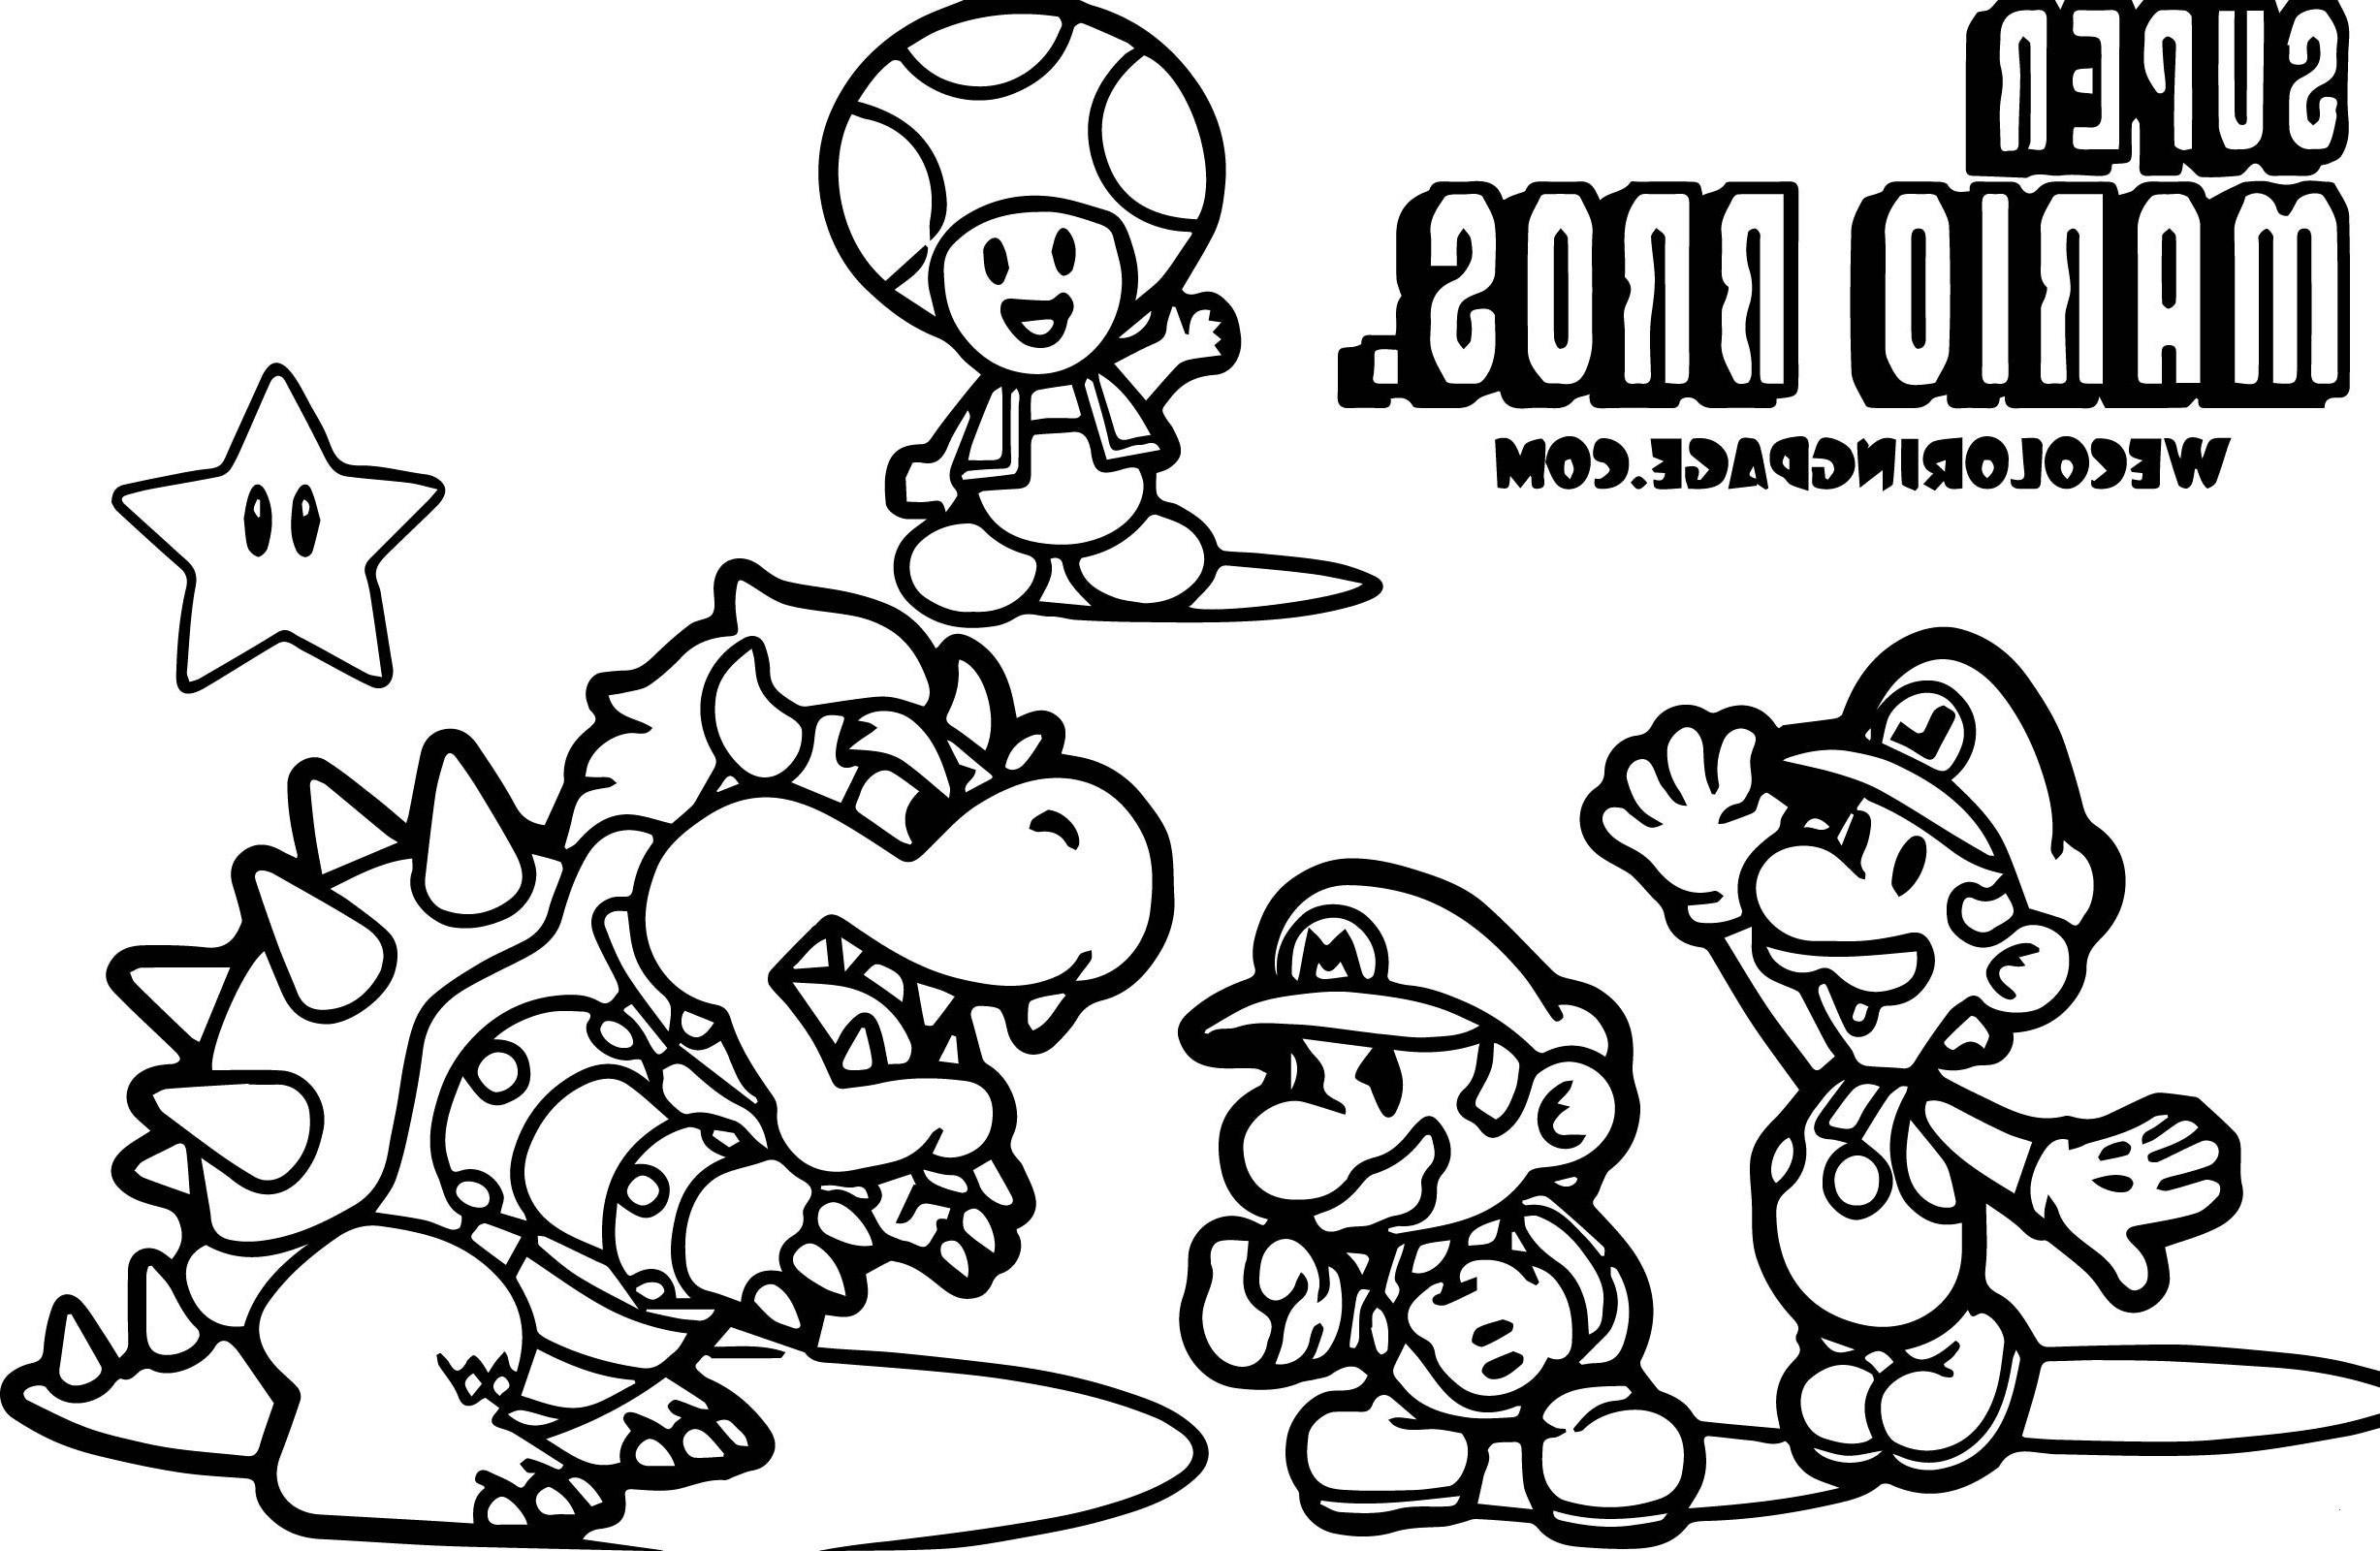 Super Mario Pilz Ausmalbilder Einzigartig 28 Inspirierend Ausmalbild Super Mario – Malvorlagen Ideen Stock